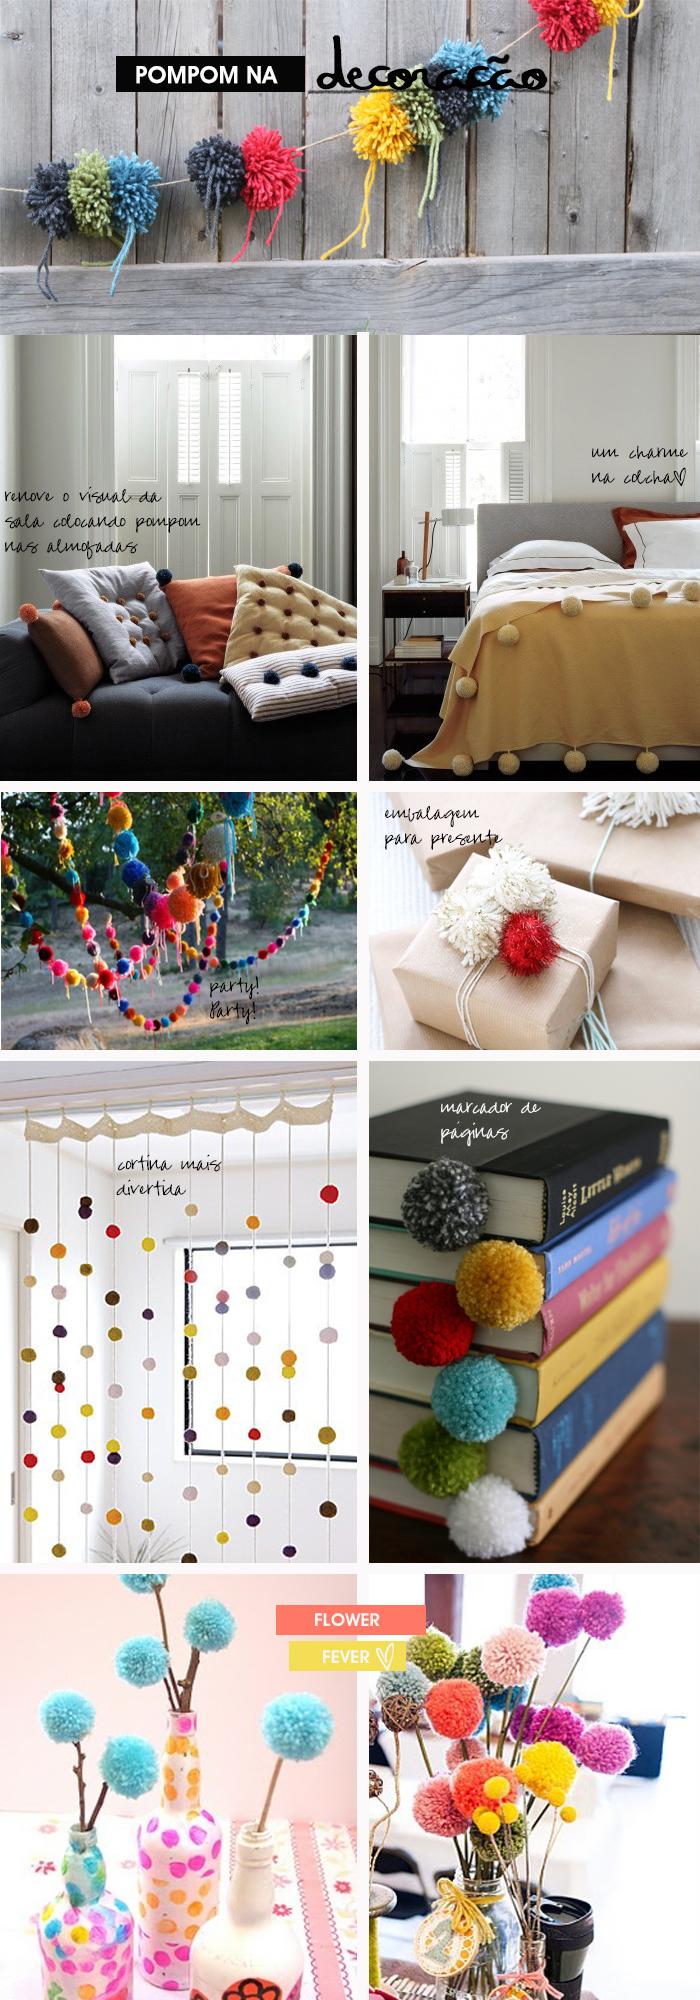 pompom na decoração Blog MeninaIT dicas de como decorar com pompom